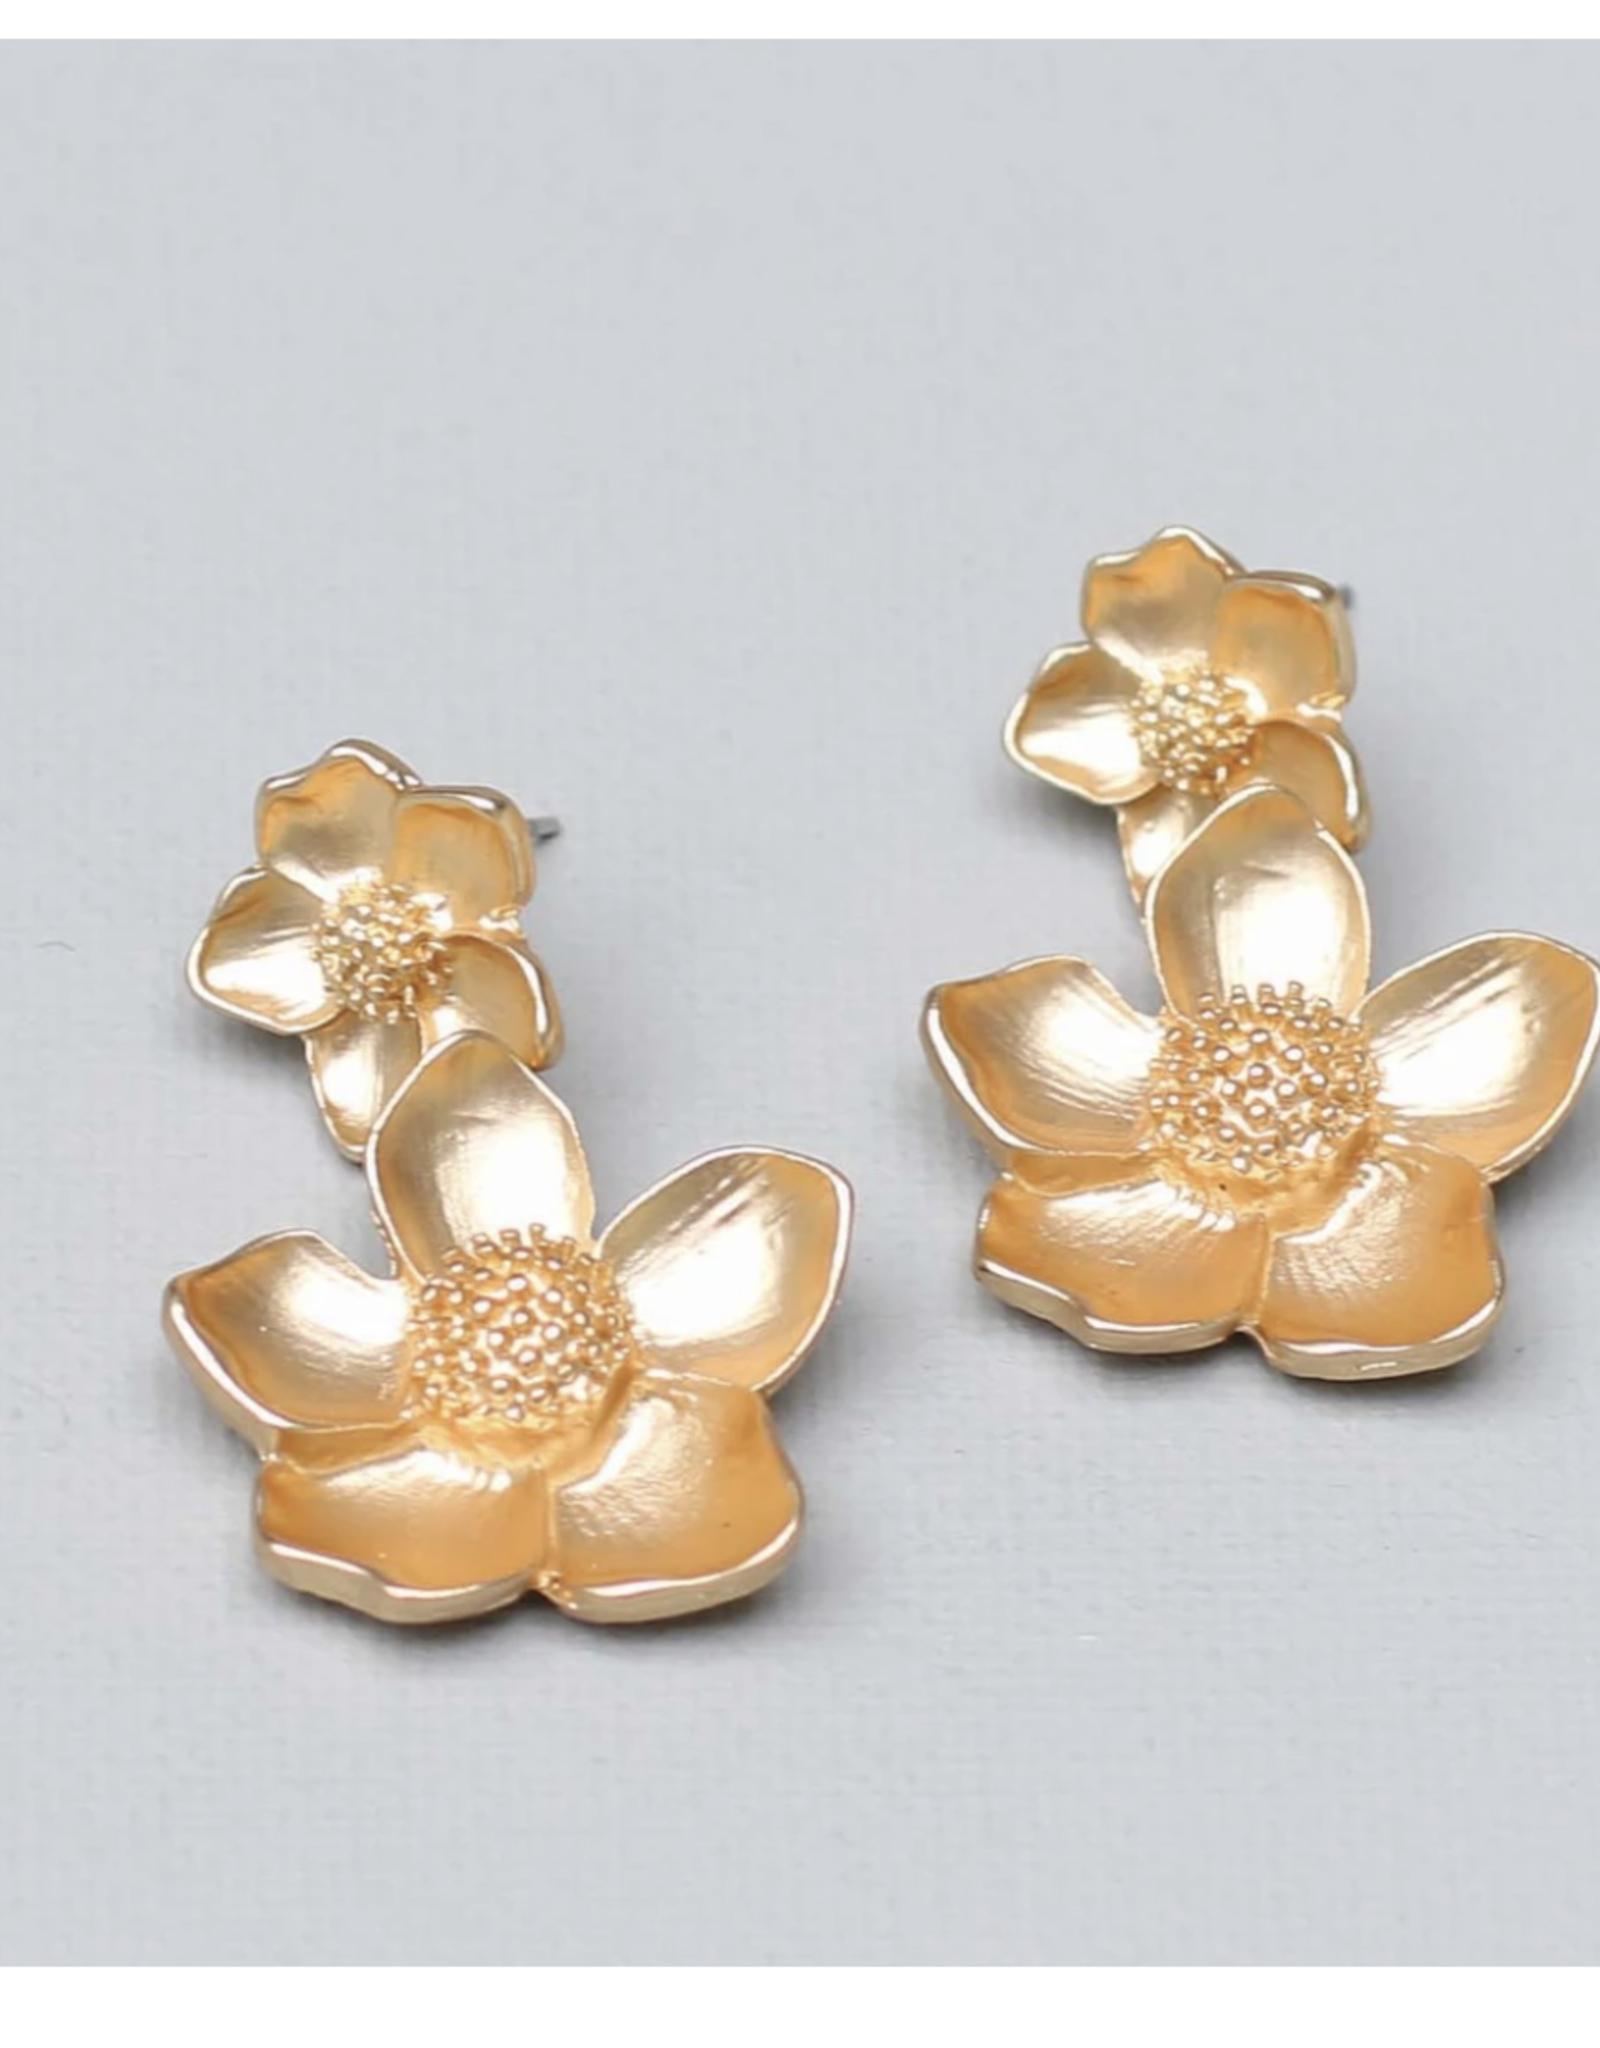 Michelle McDowell Gold Malone Earrings